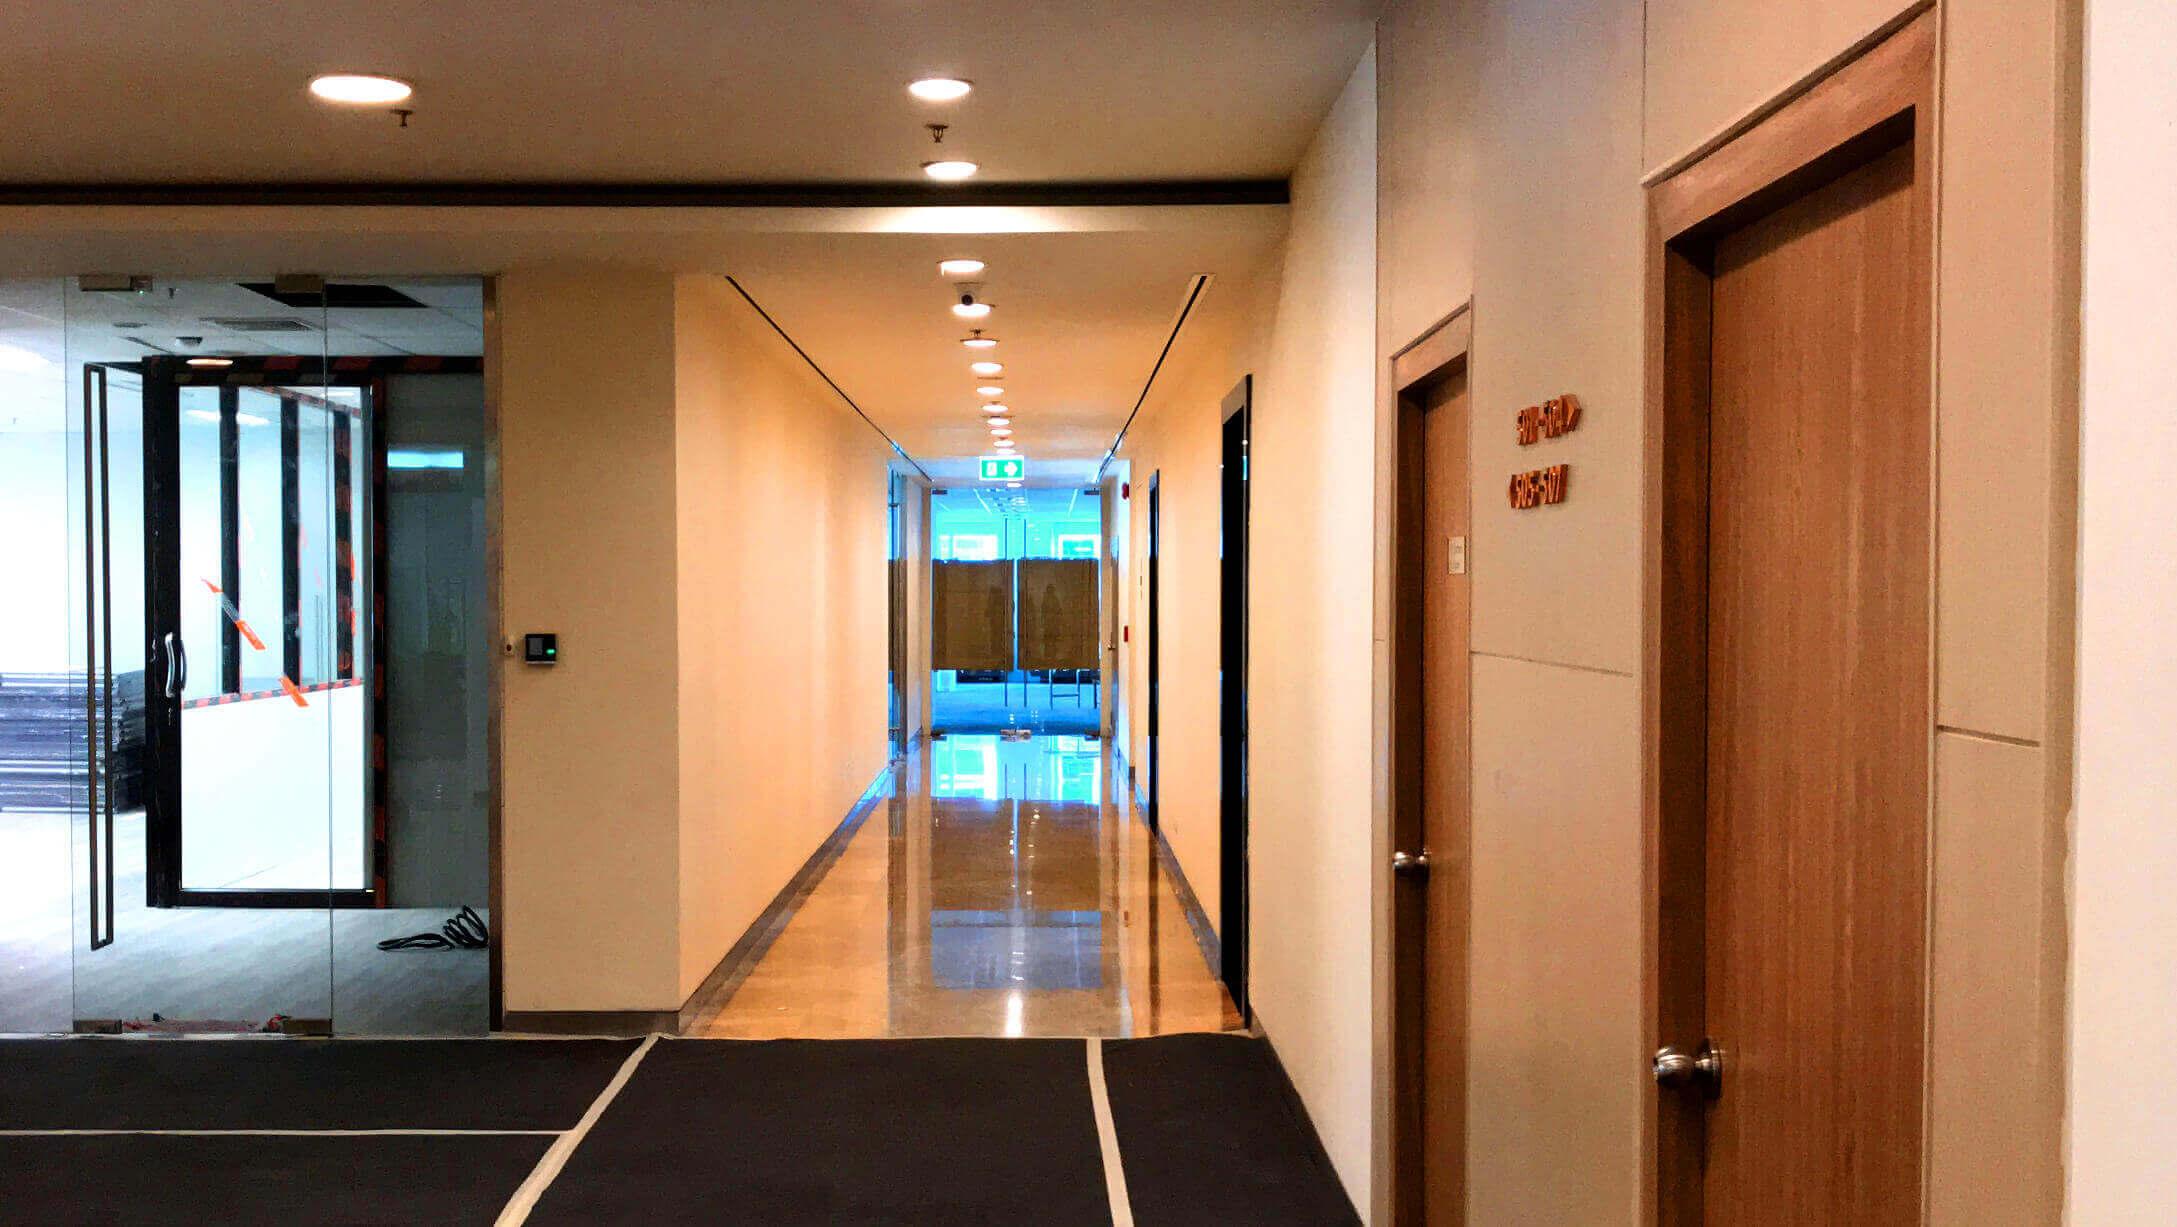 バンコク オフィス物件 アテネタワー 二人が並んであるける広さの廊下